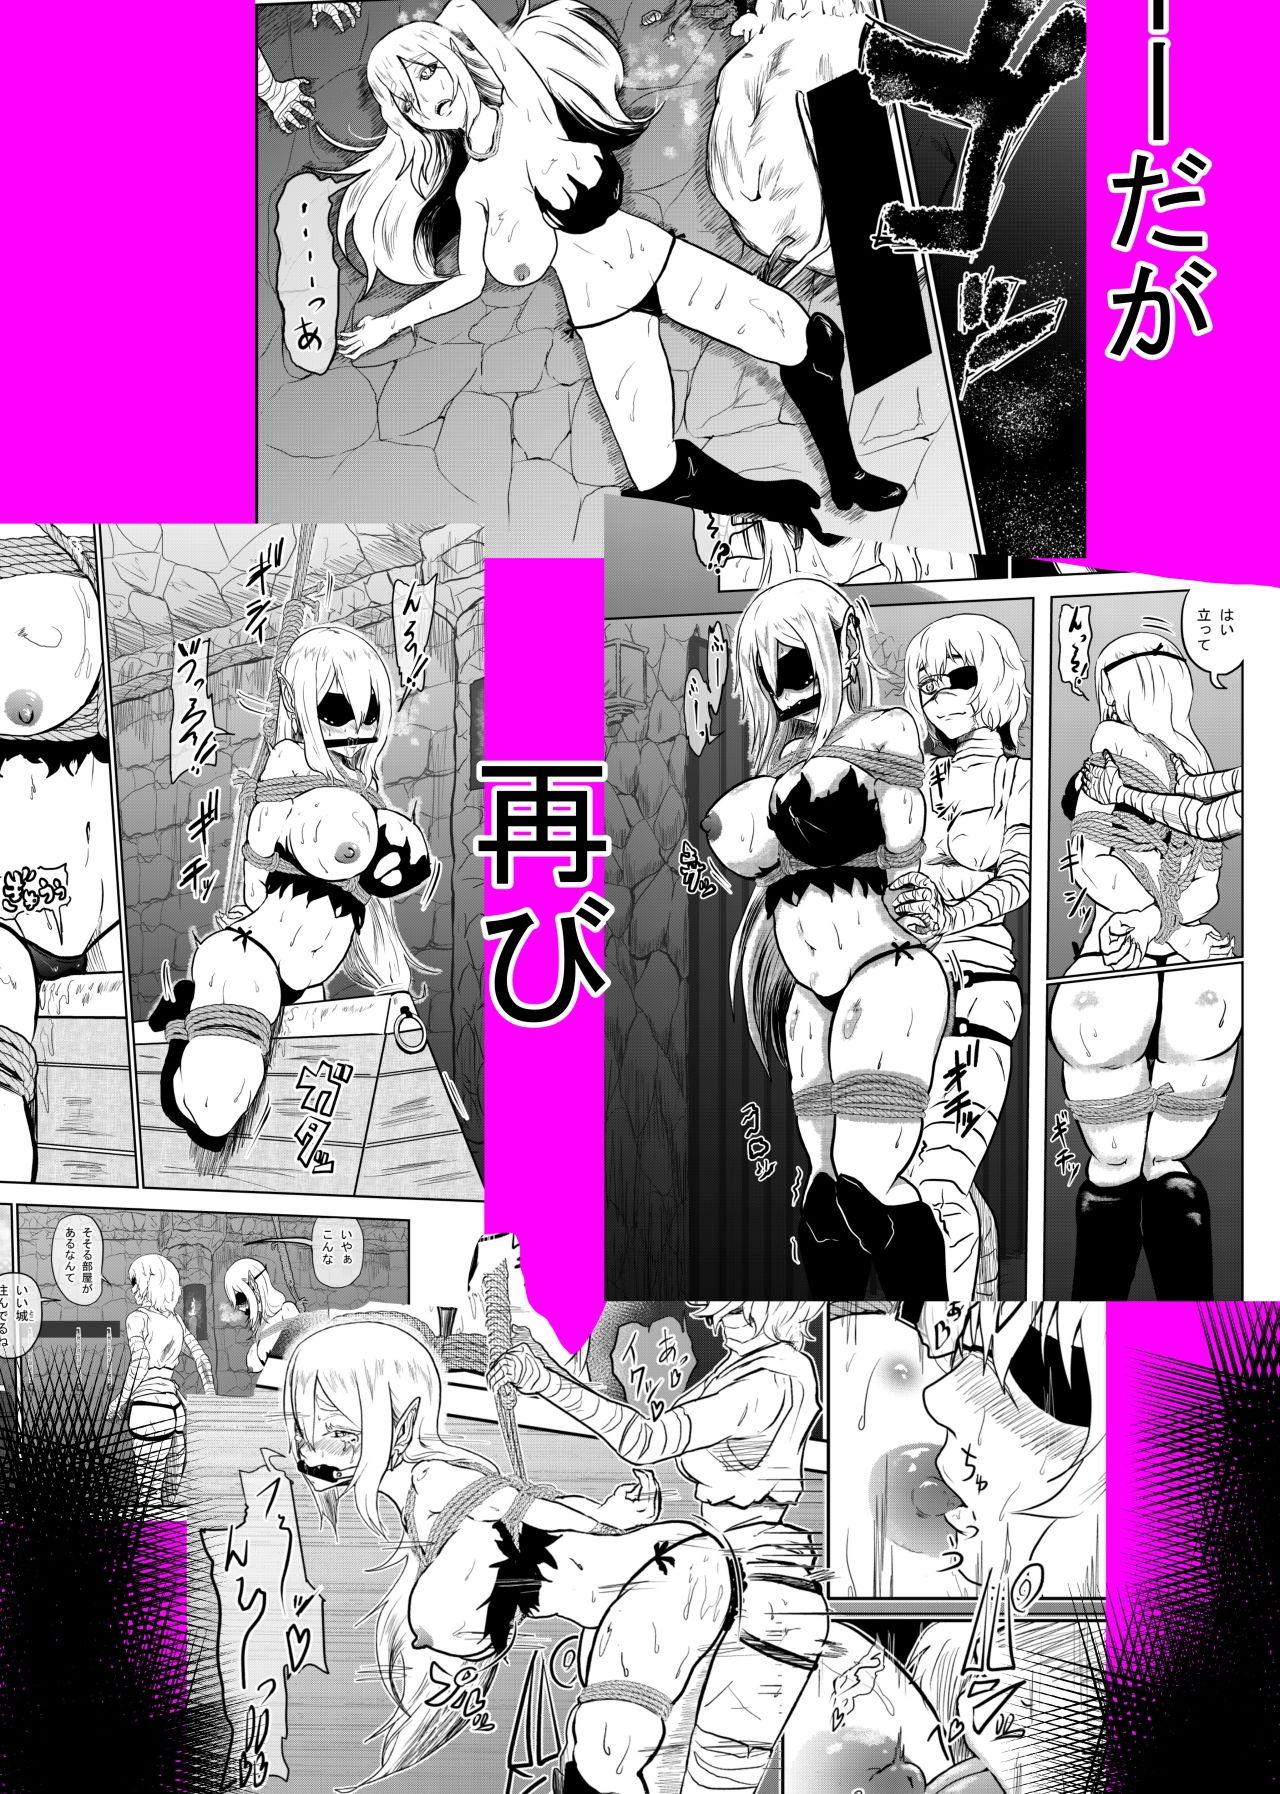 ヴァンパレイド3 〜吸血鬼 三姉妹 捕縛編〜